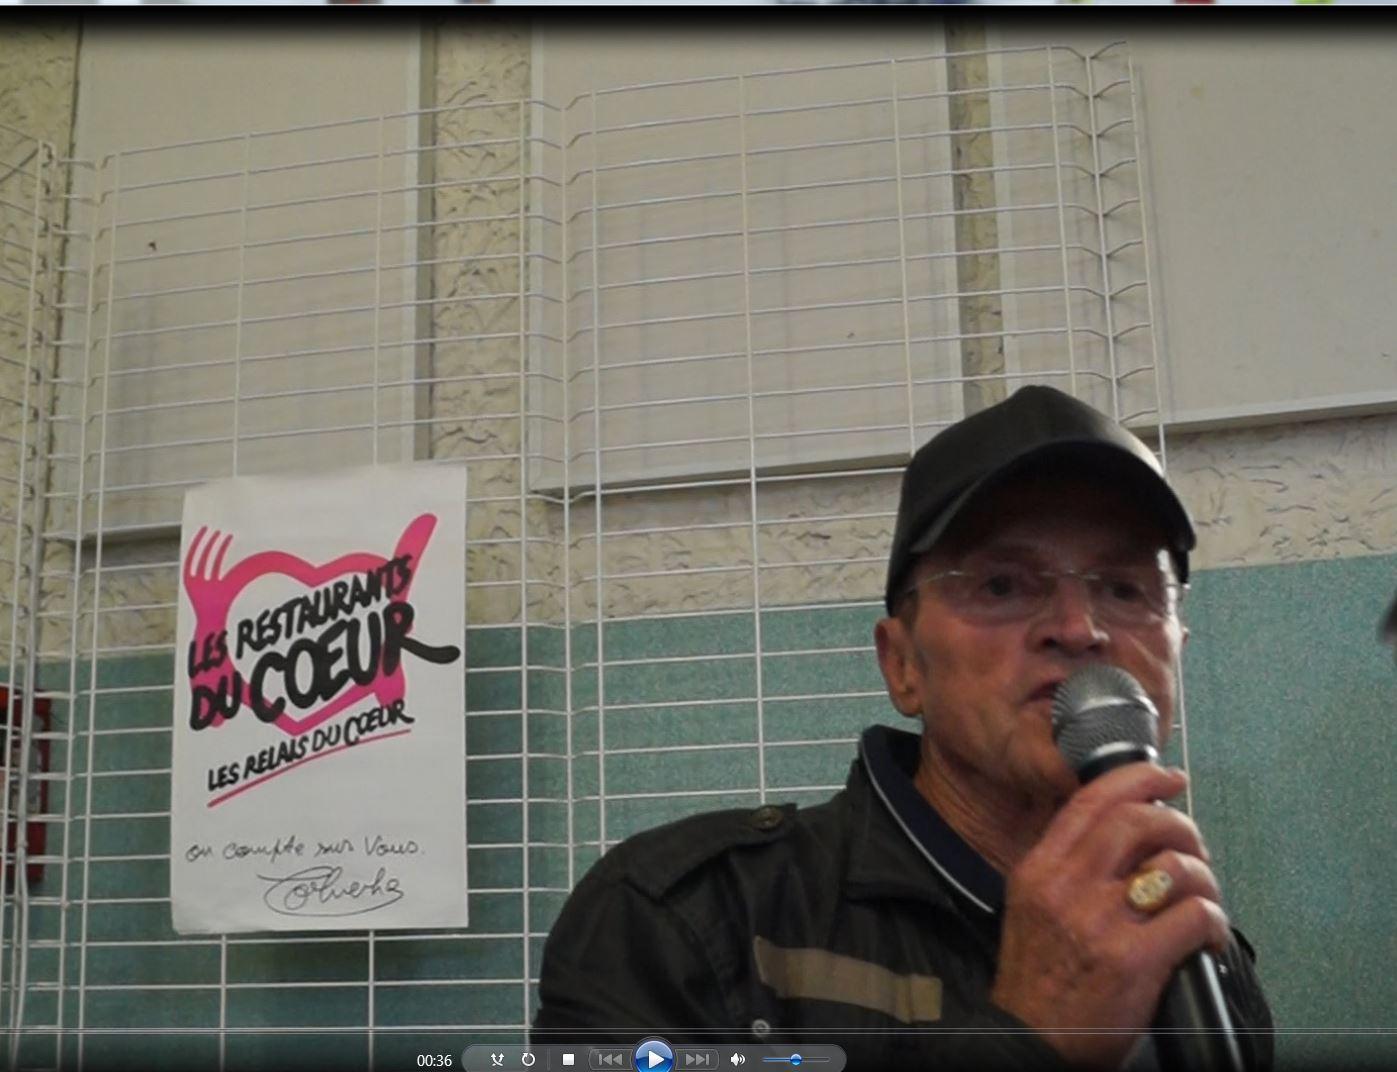 Pour les Restos du Coeur, Richard Olivieri précise l'aide apportée chaque année de fin novembre à mi-mars par l'association locale.